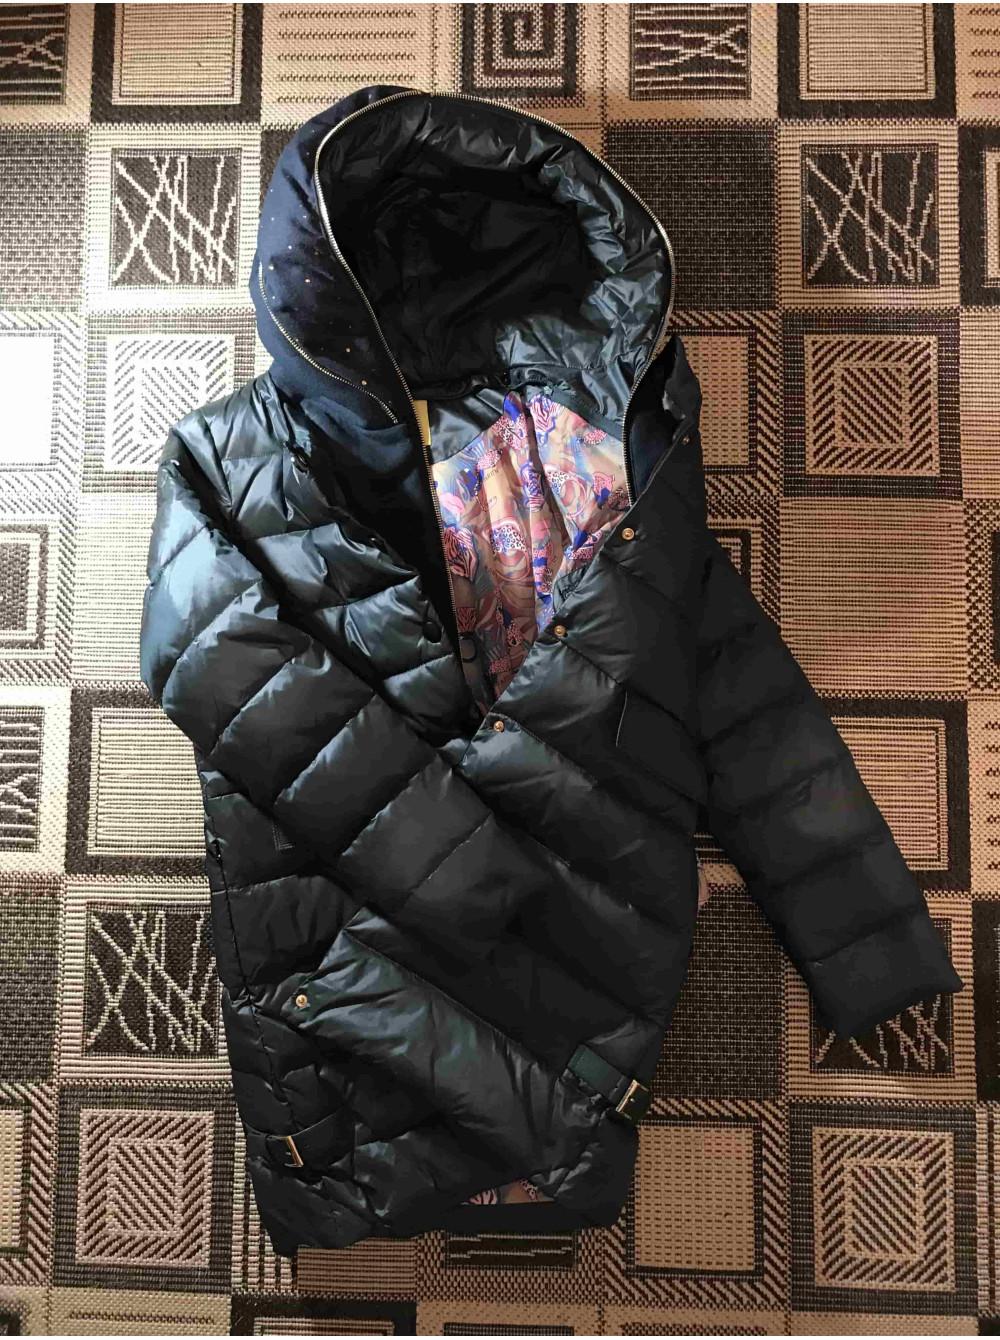 VO TARUN Куртка колір пляшка трикотажний капюшон відстібається фото №3 5ea8804881611